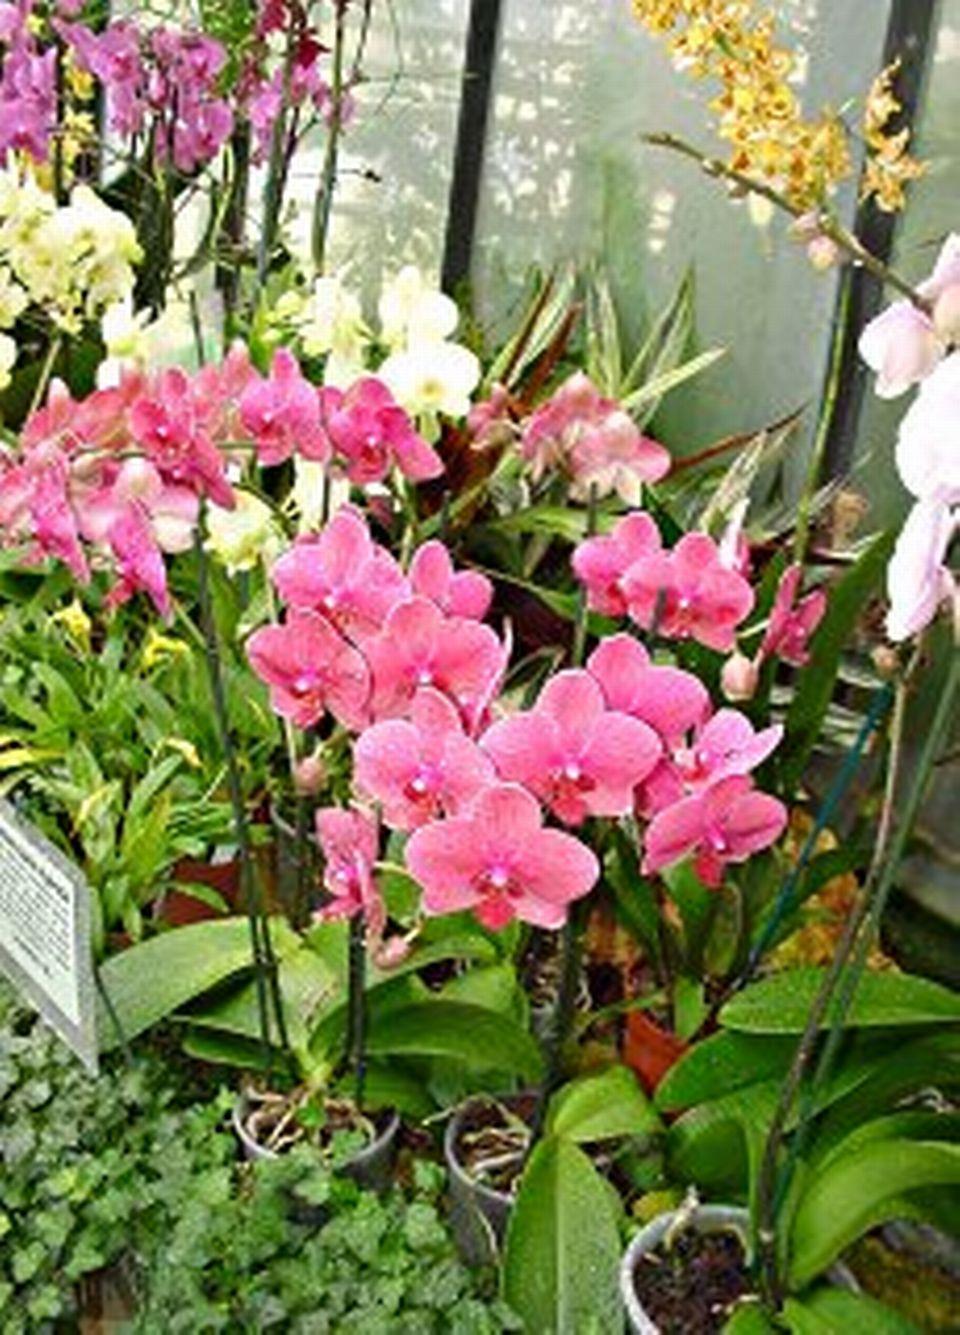 Les orchid es coupe de la hampe florale 25 avril 2010 - Peut on couper les racines des orchidees ...